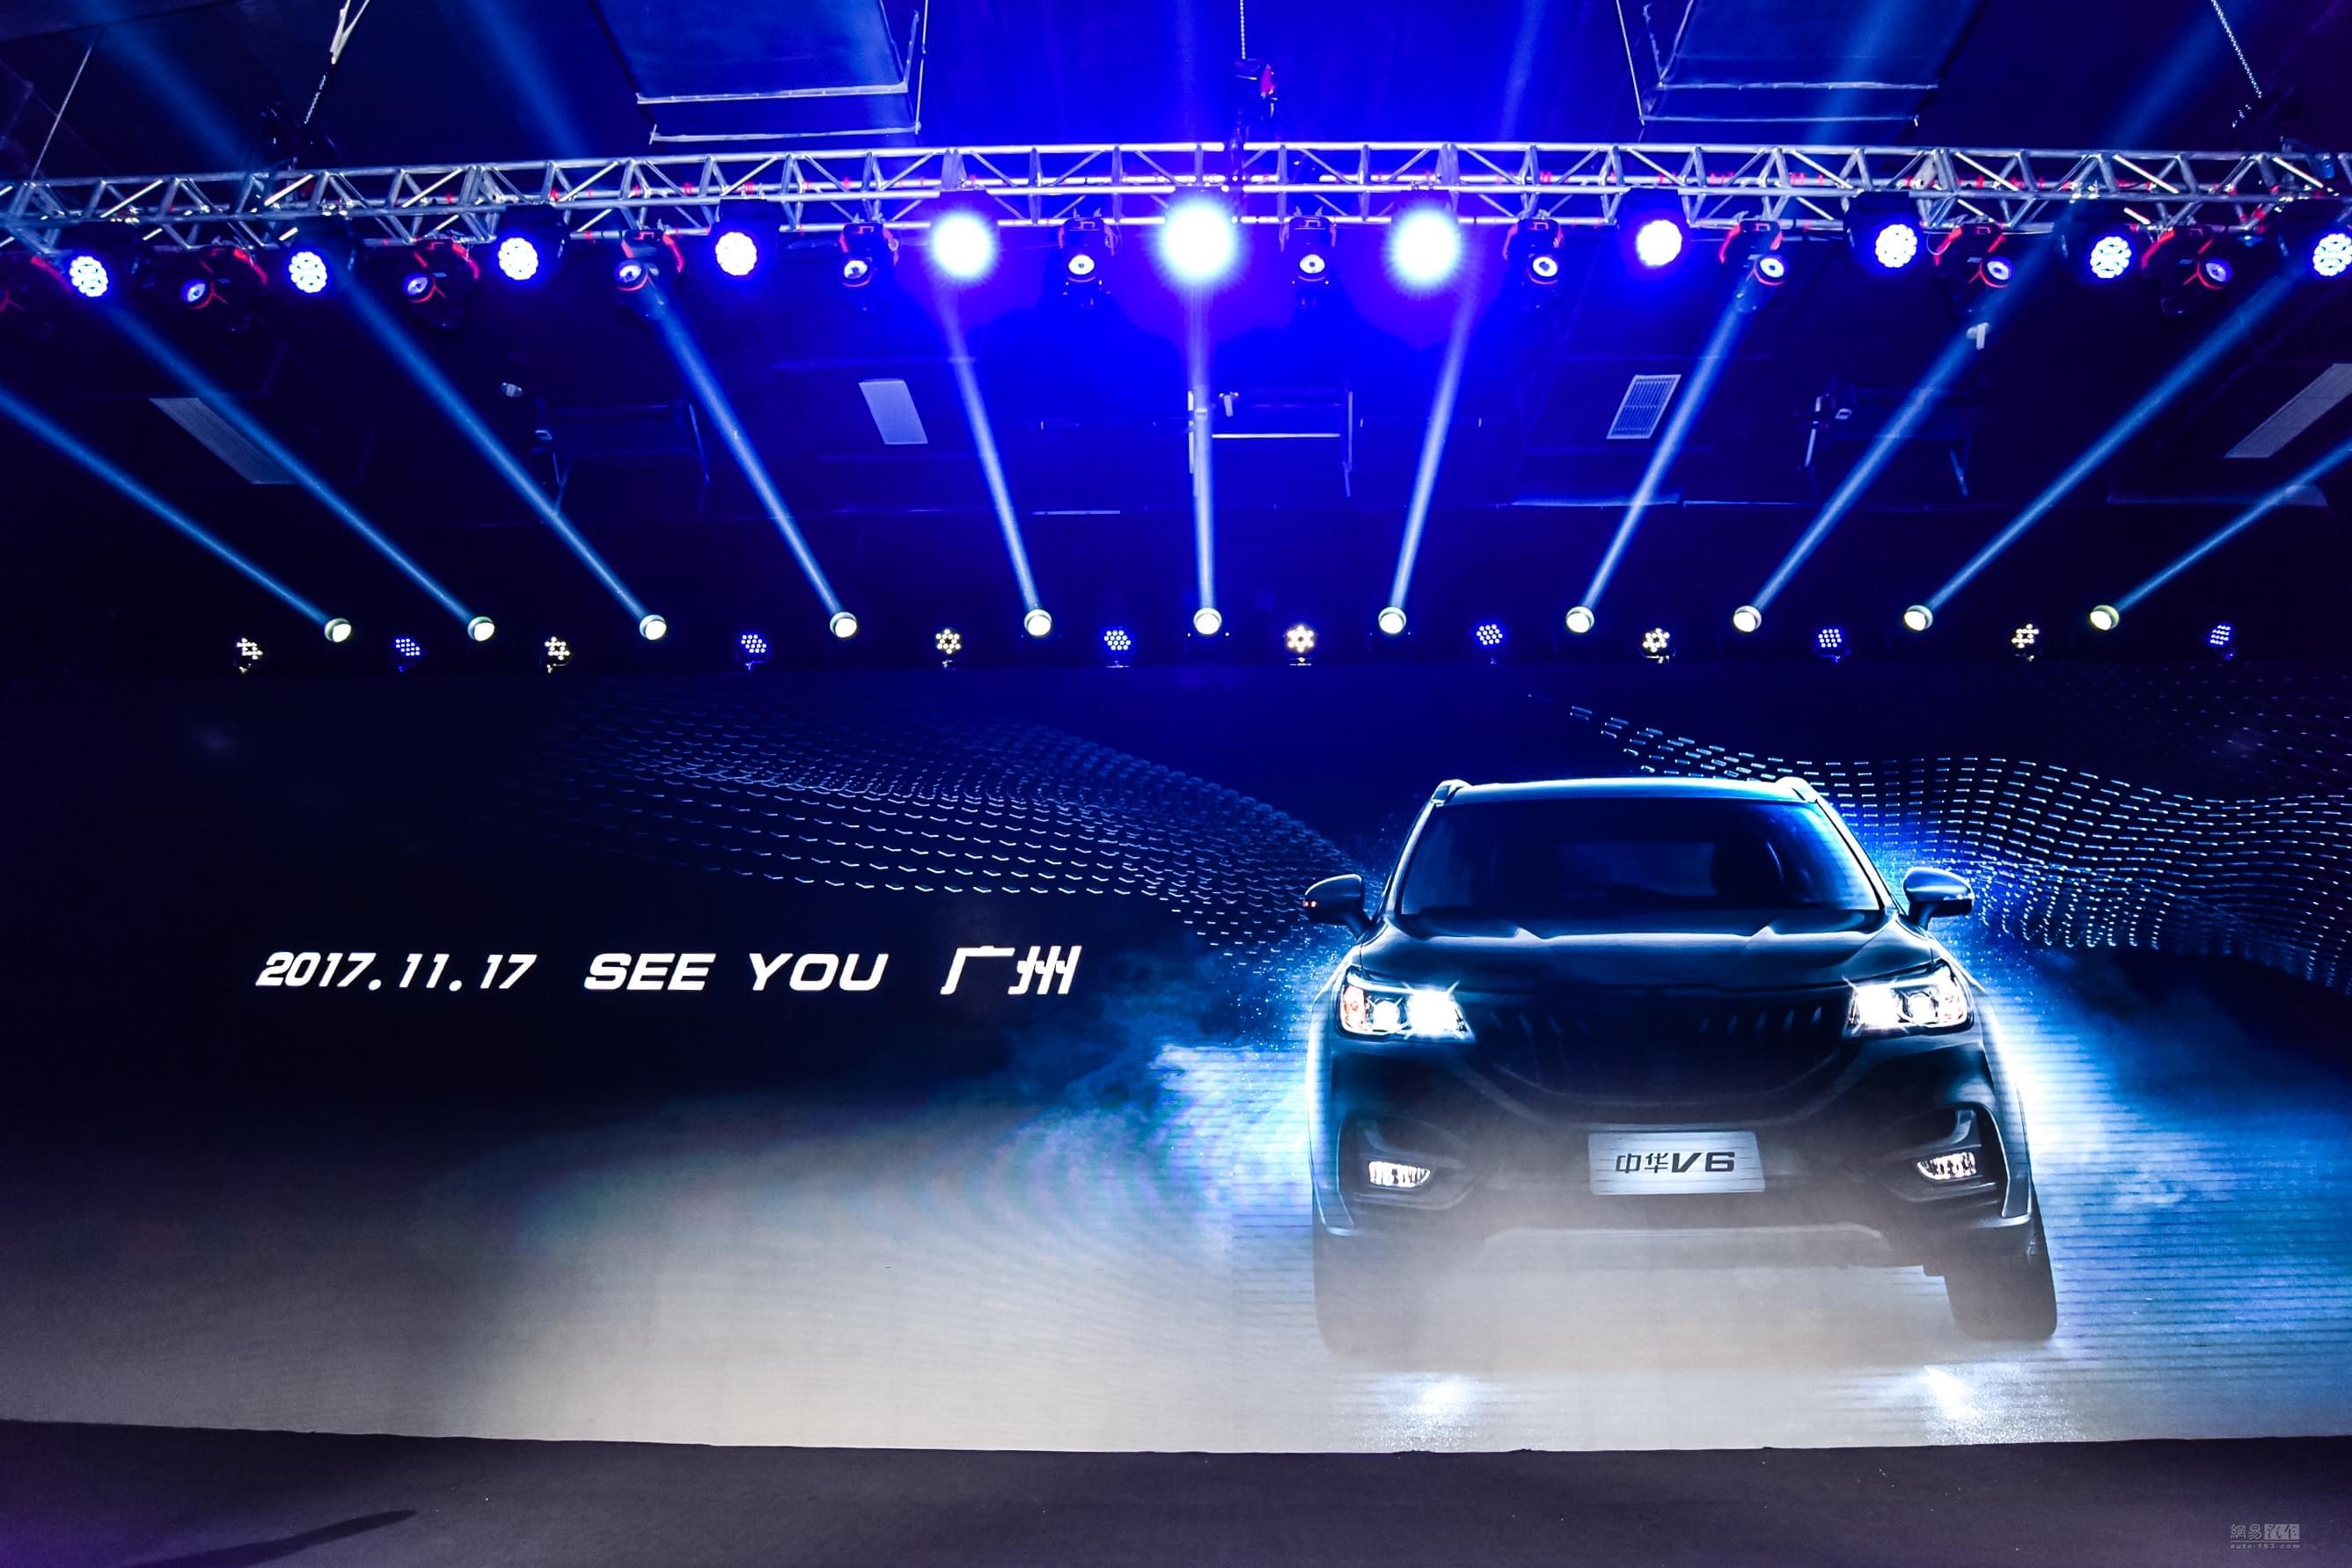 比V5更威武更智能 华晨中华V6预告图发布